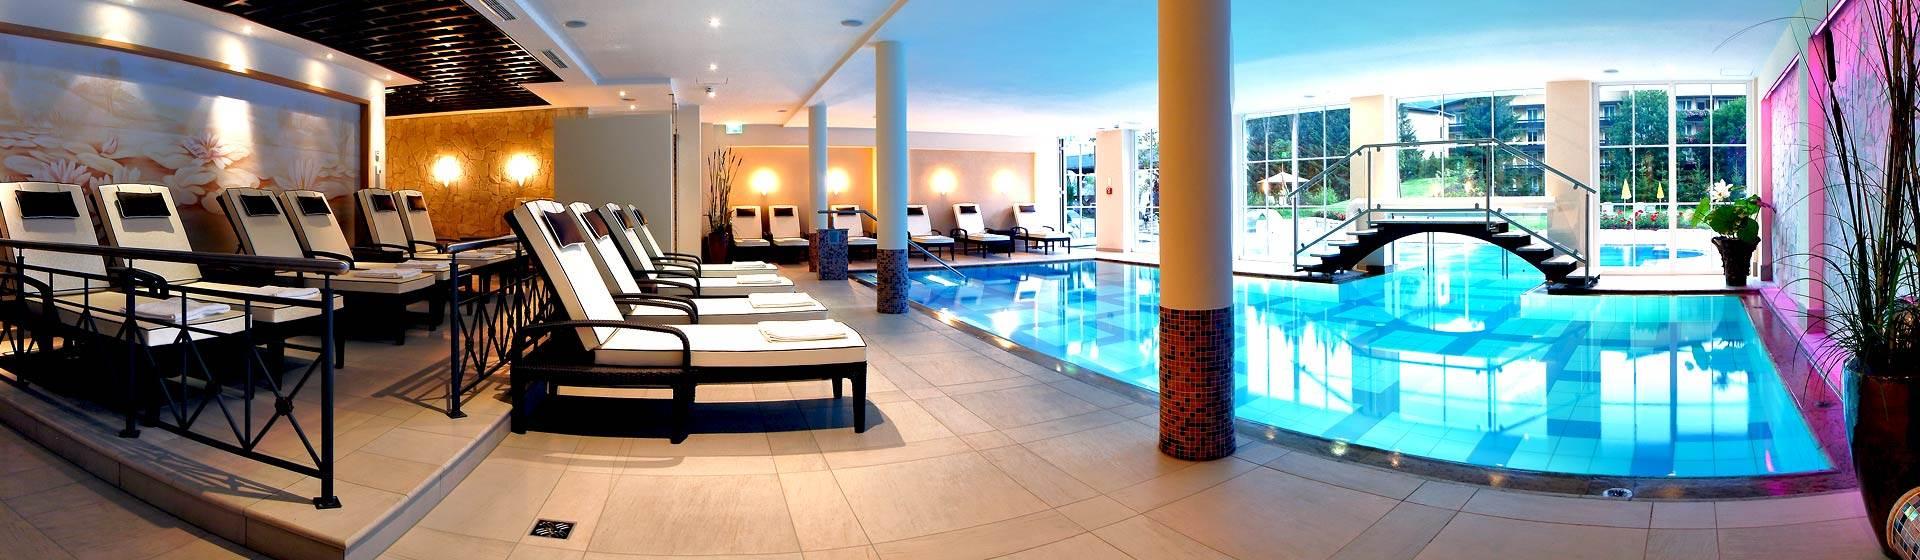 Indoorpool mit Relaxliegen und Zugang zu Außenpool